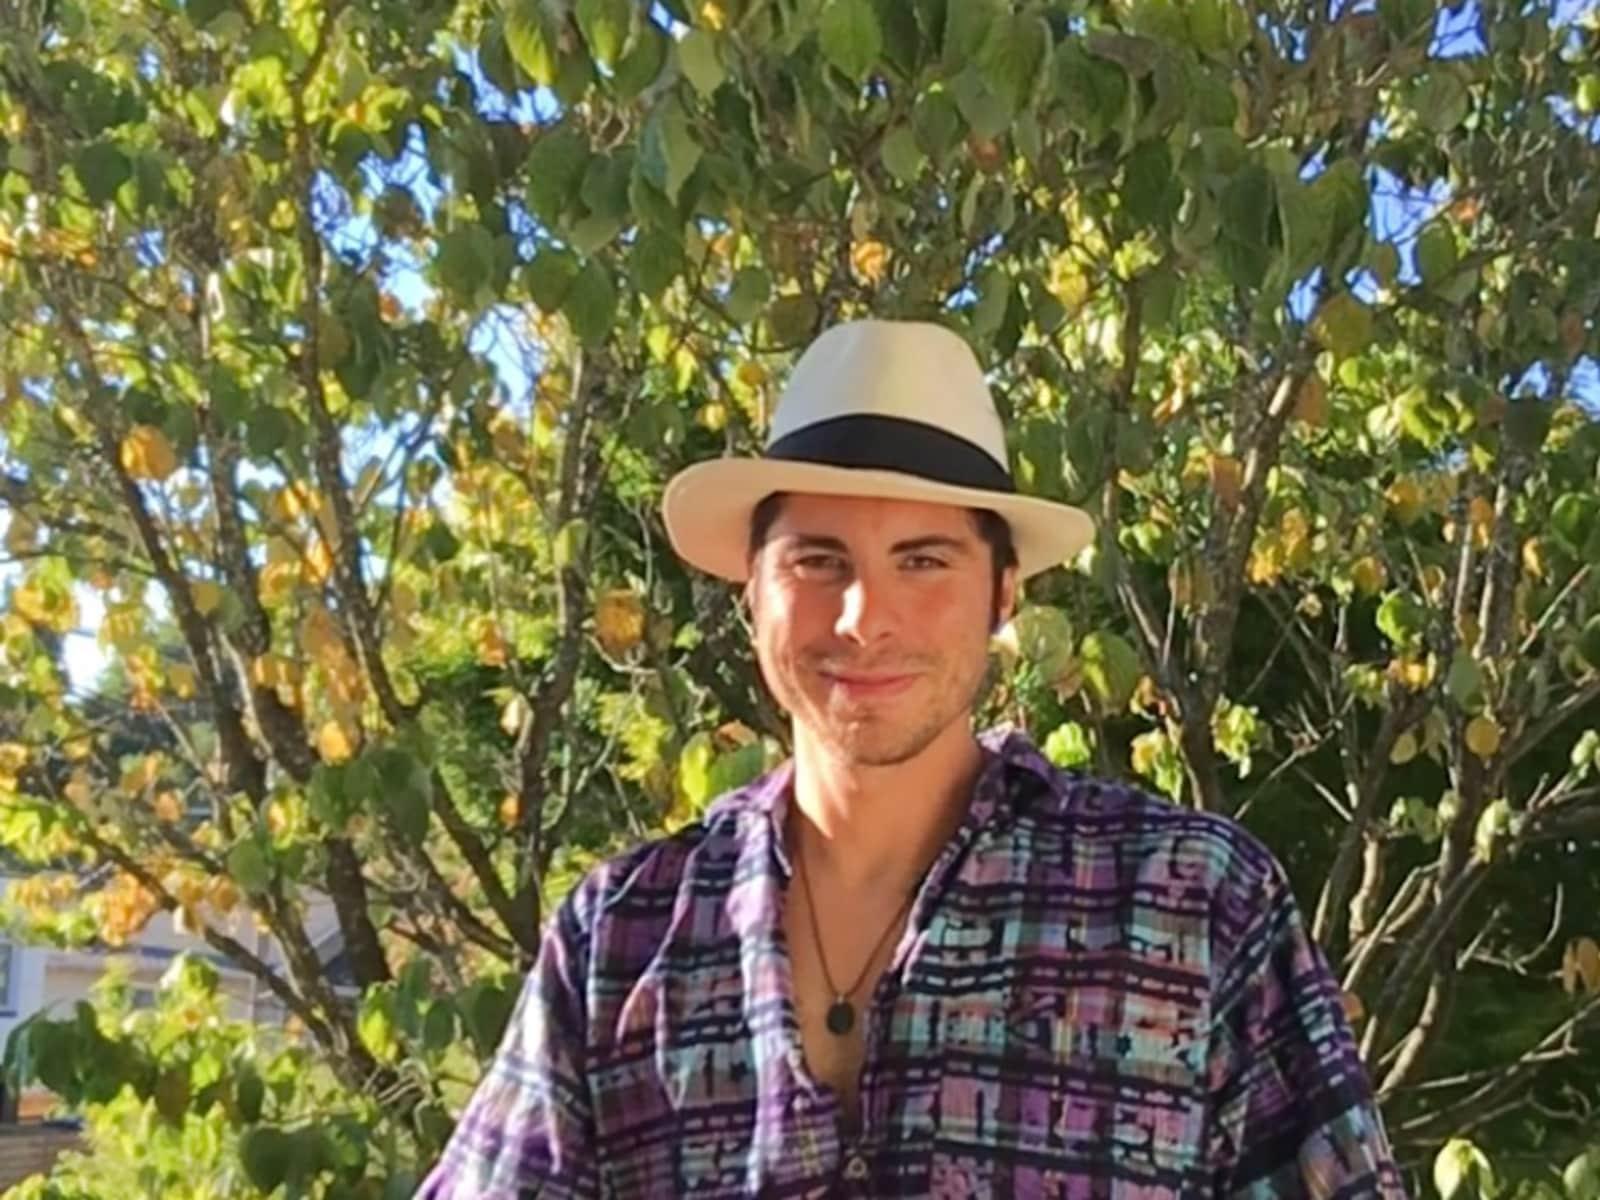 David from Seattle, Washington, United States